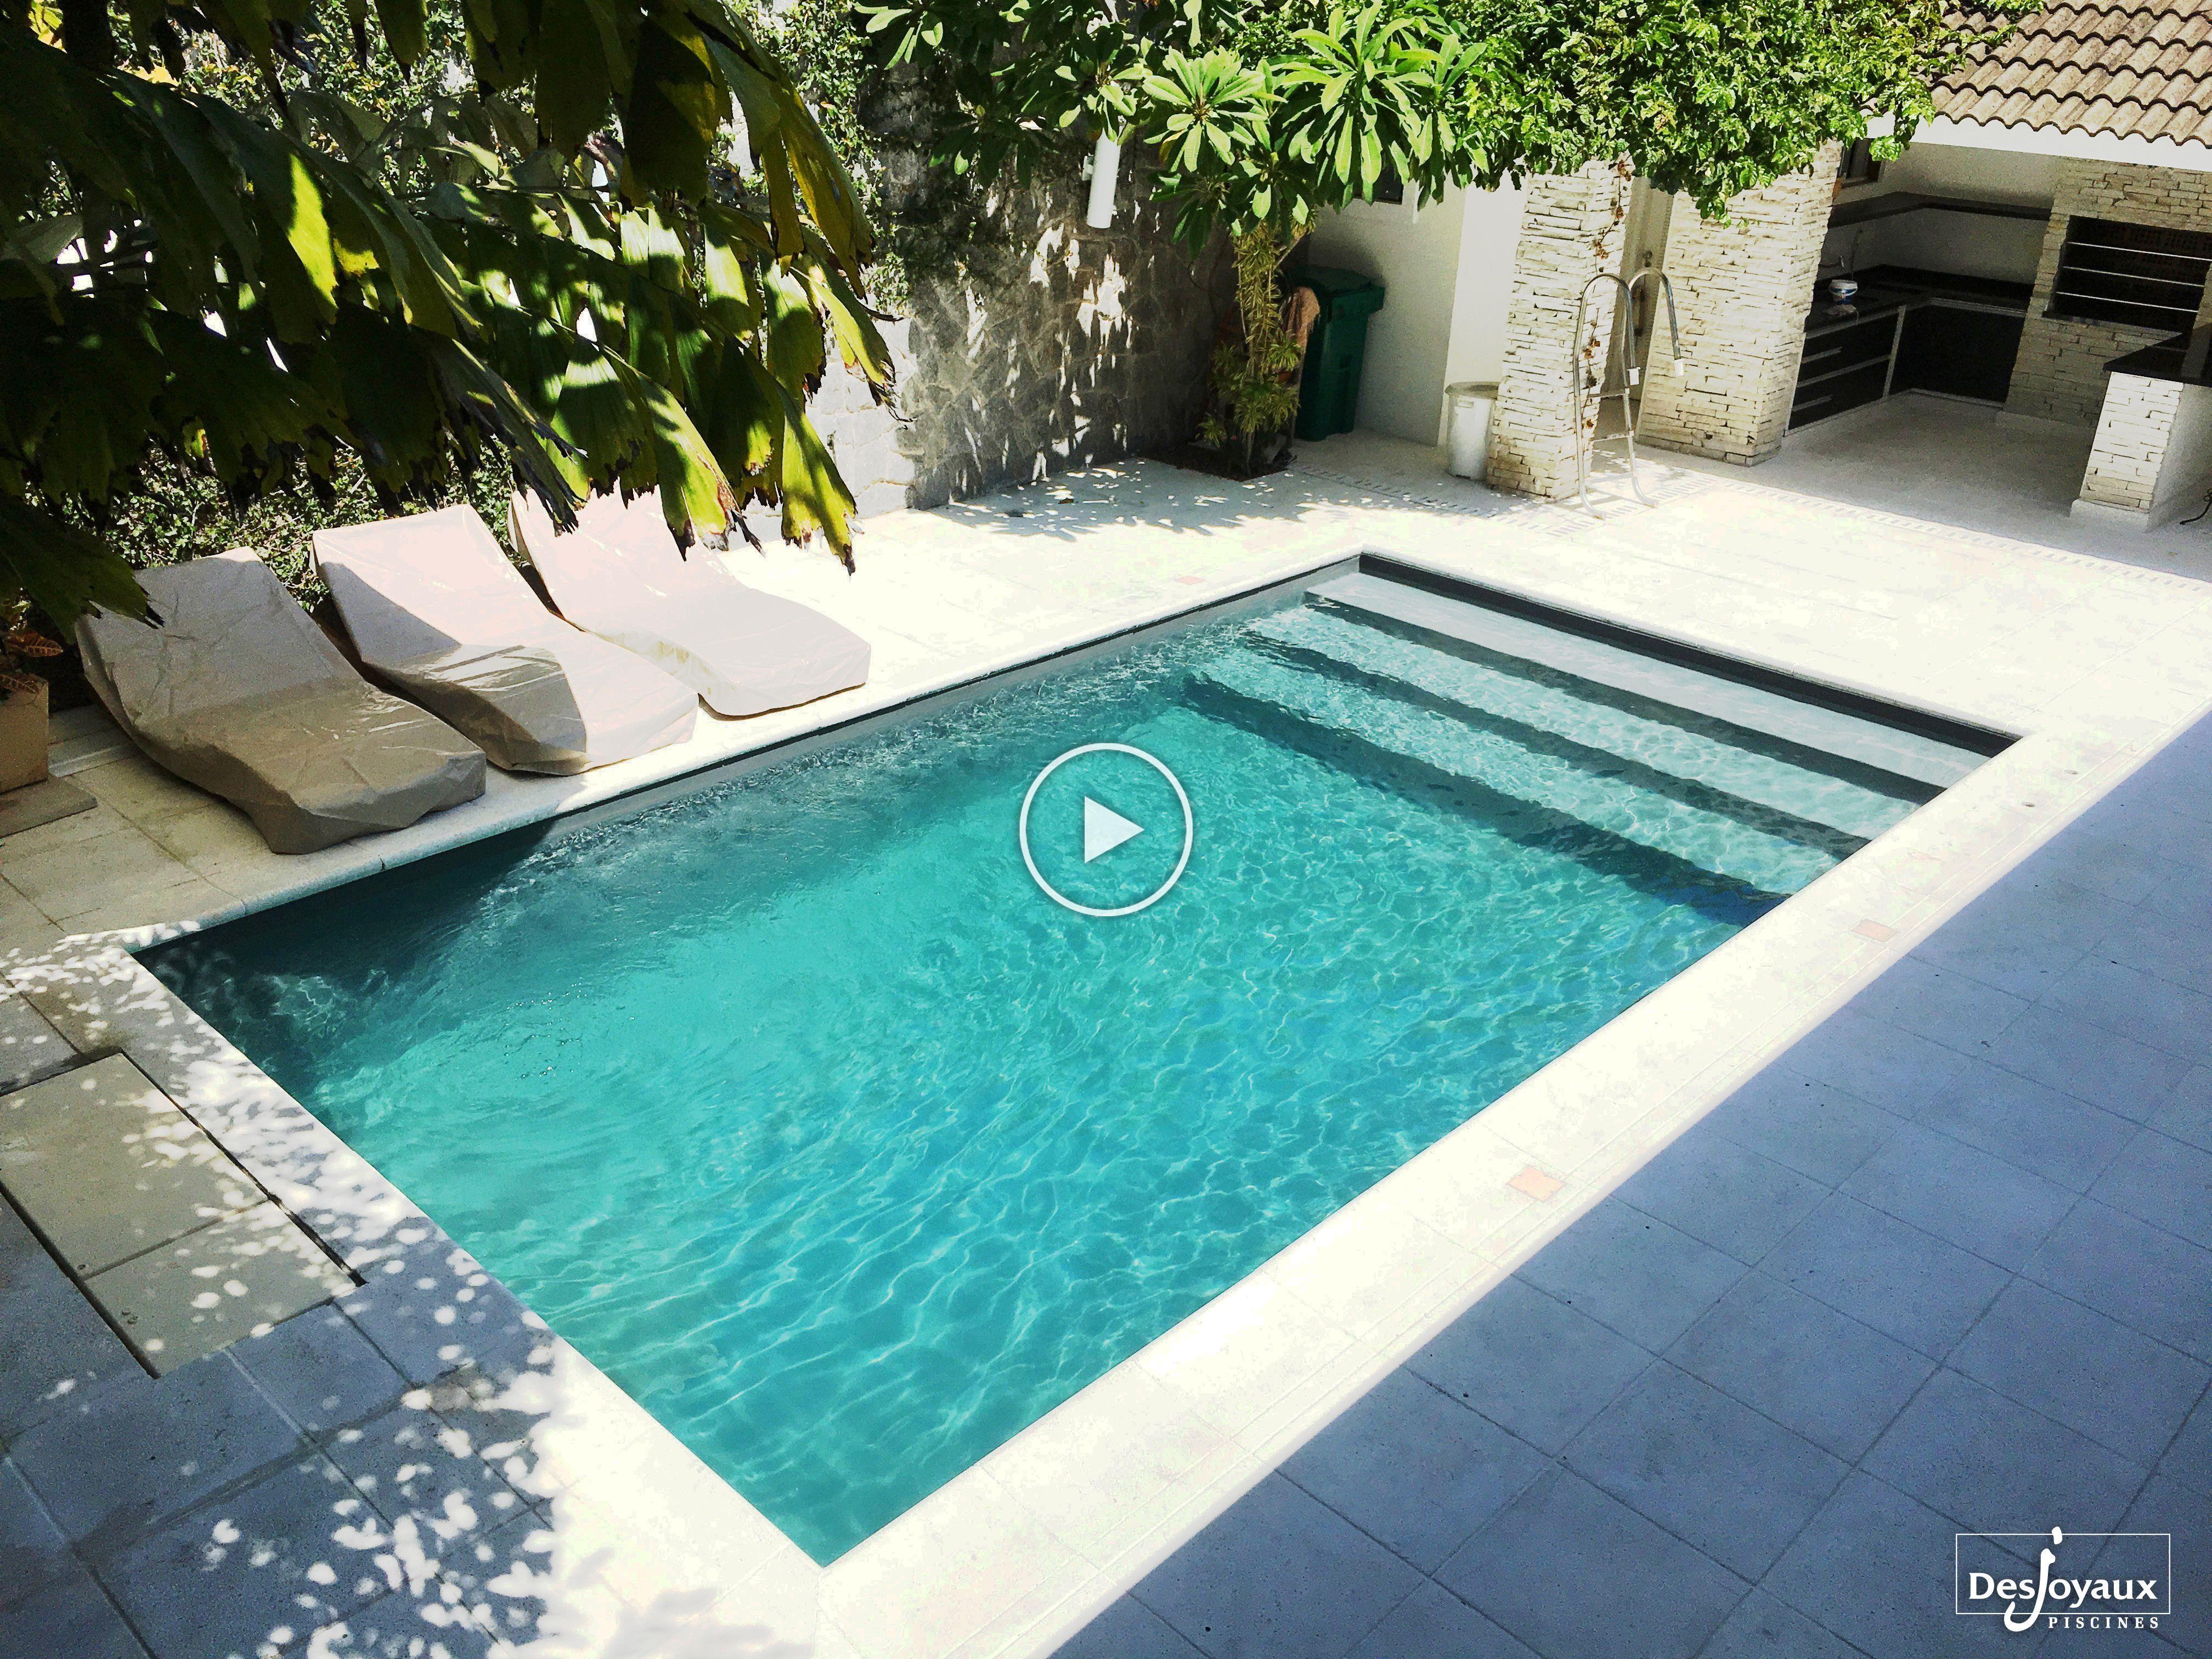 Simplicité Et Sobriété Pour Cette Belle Piscinerectangulaire Pools Backyard Inground Backyard Pool Landscaping Small Pools Backyard